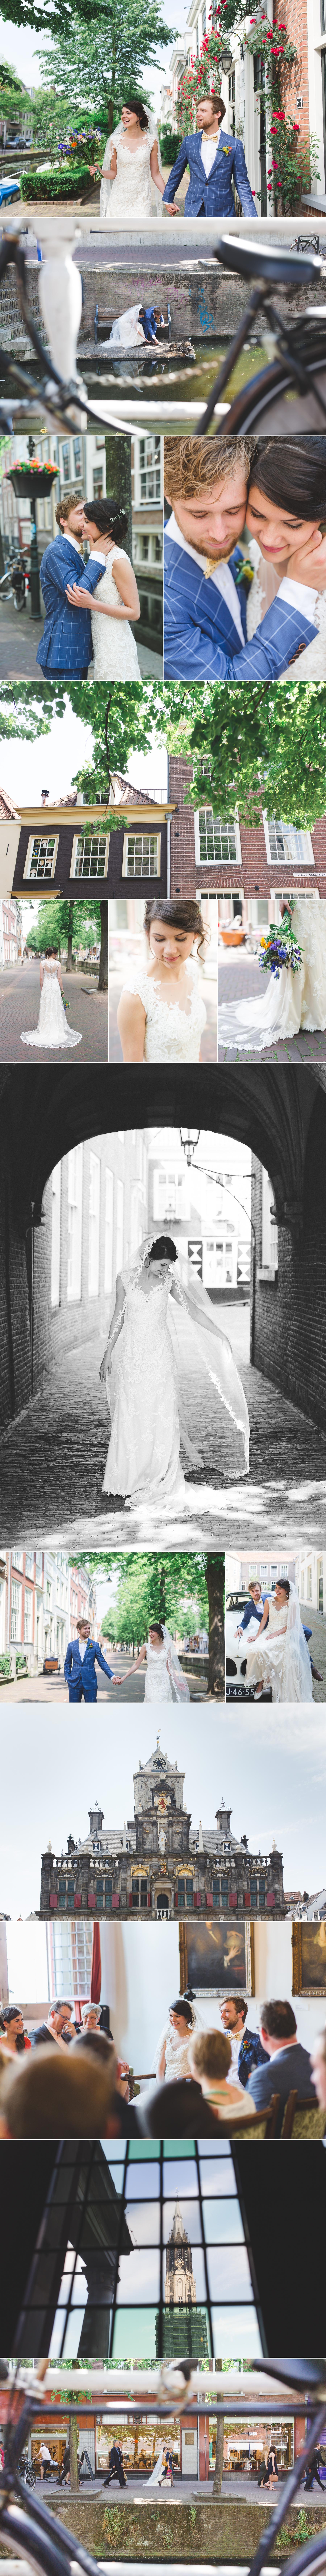 Bruidsfotograaf_Delft_Vier de liefde fotografie